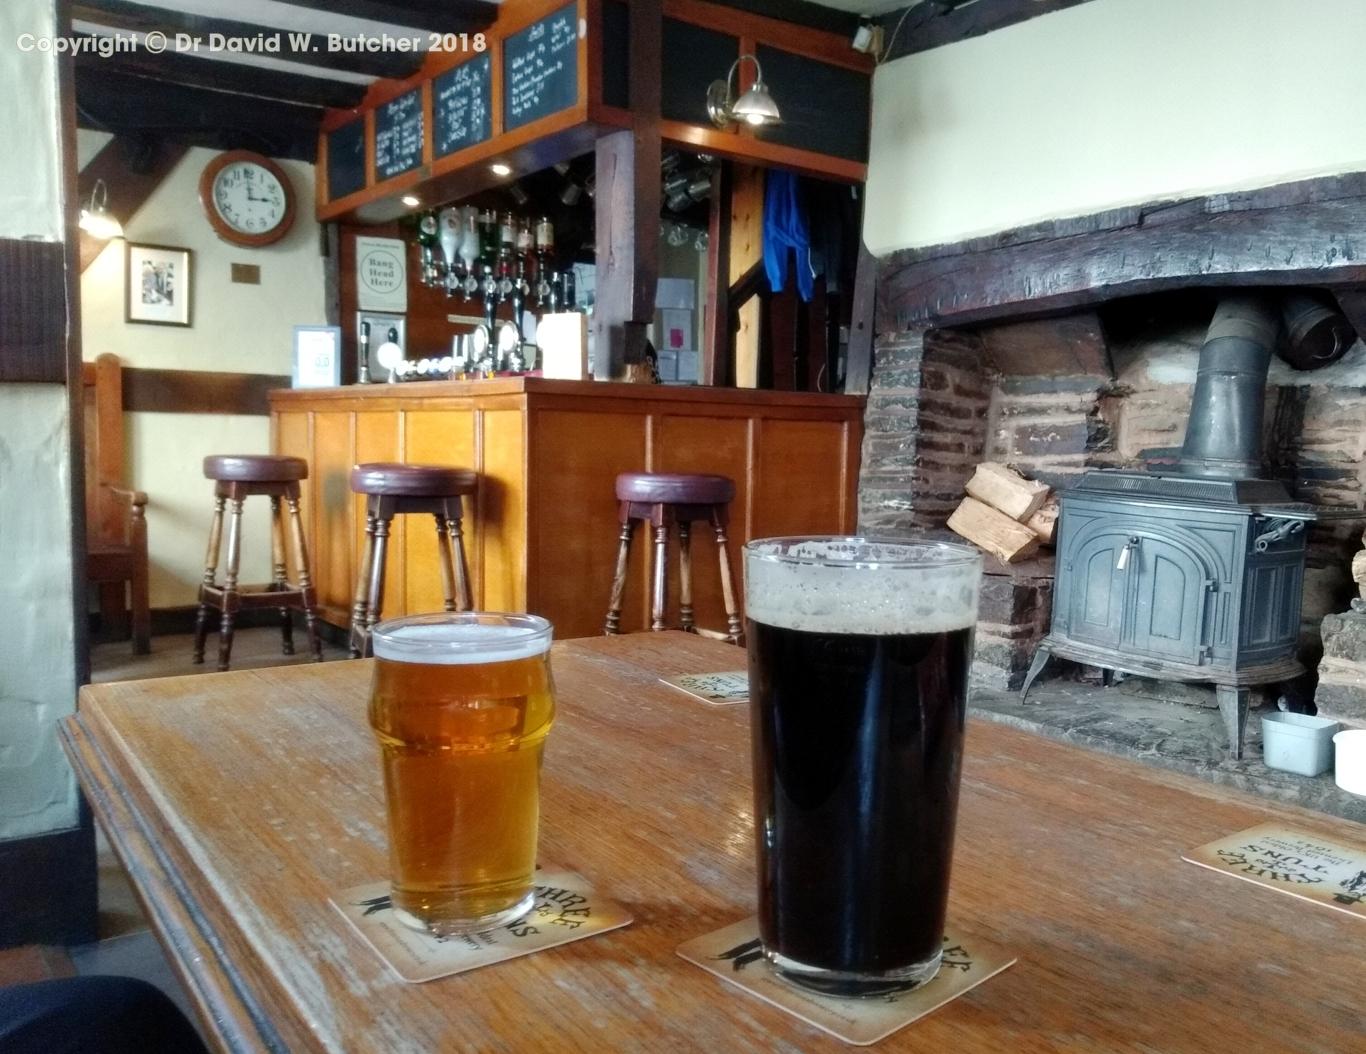 Interior of 3 Tuns pub, Bishop's Castle, Shropshire